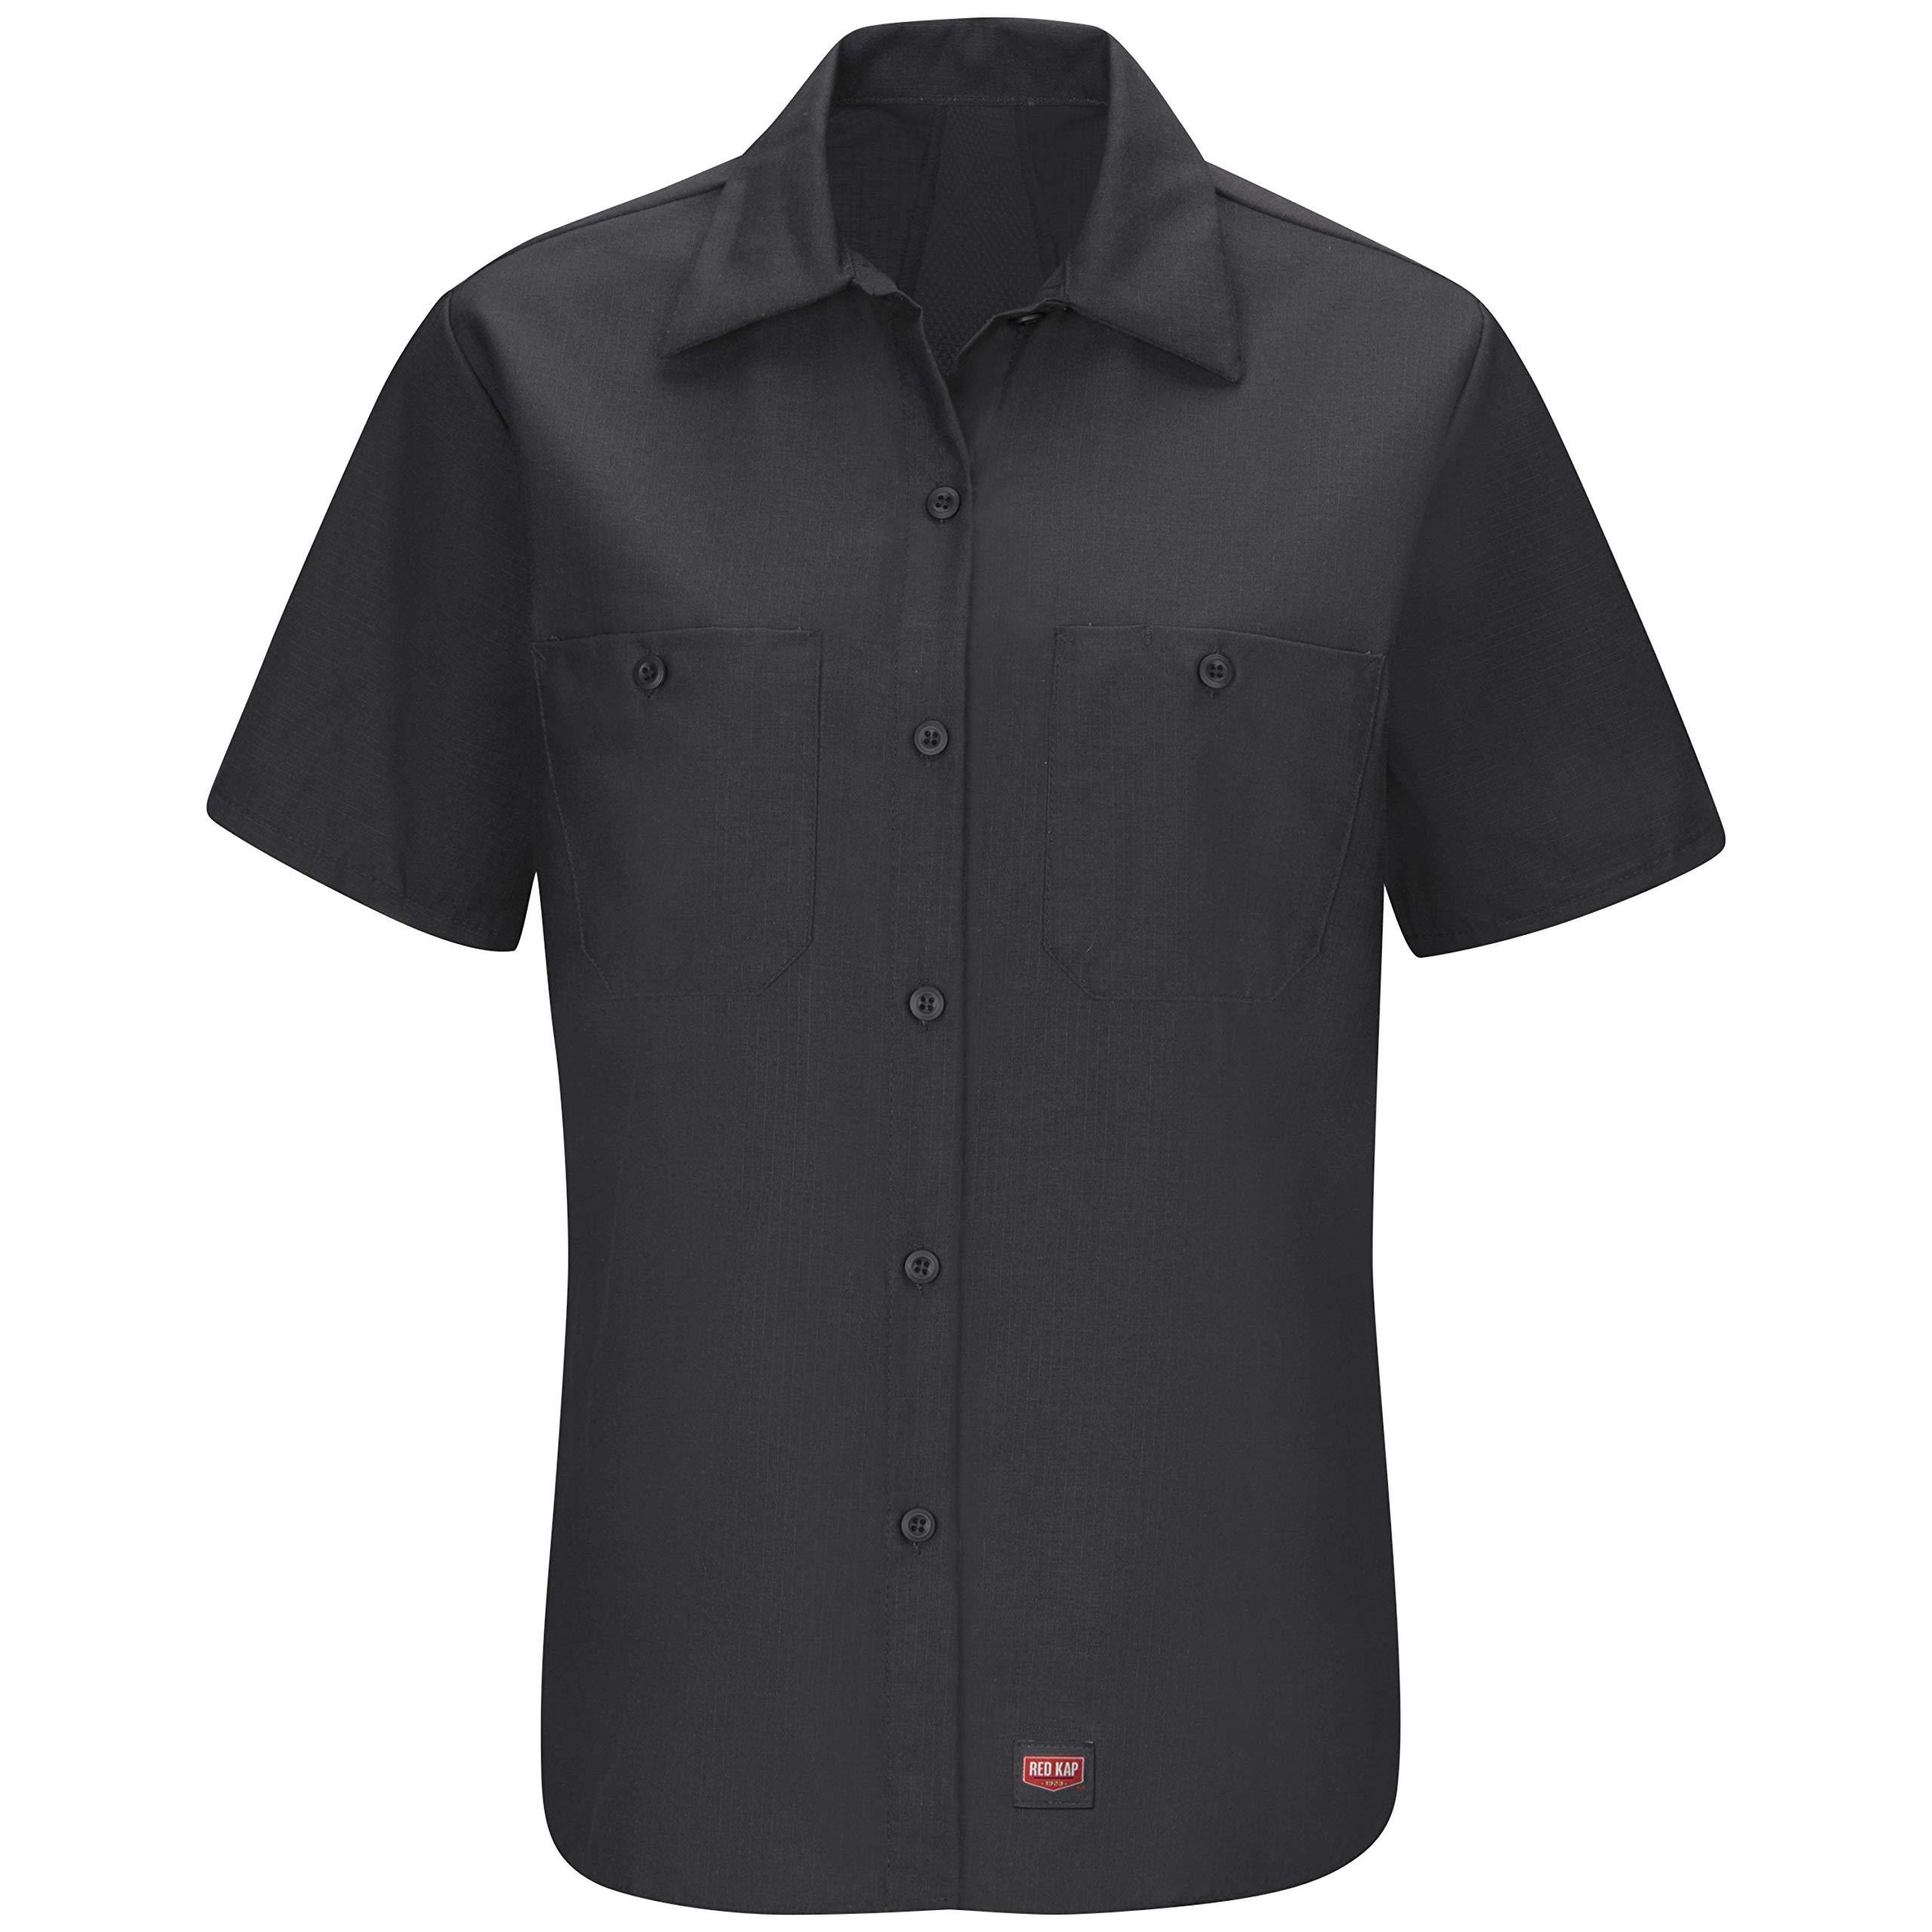 Red Kap Women's Short Sleeve Mimix Work Shirt